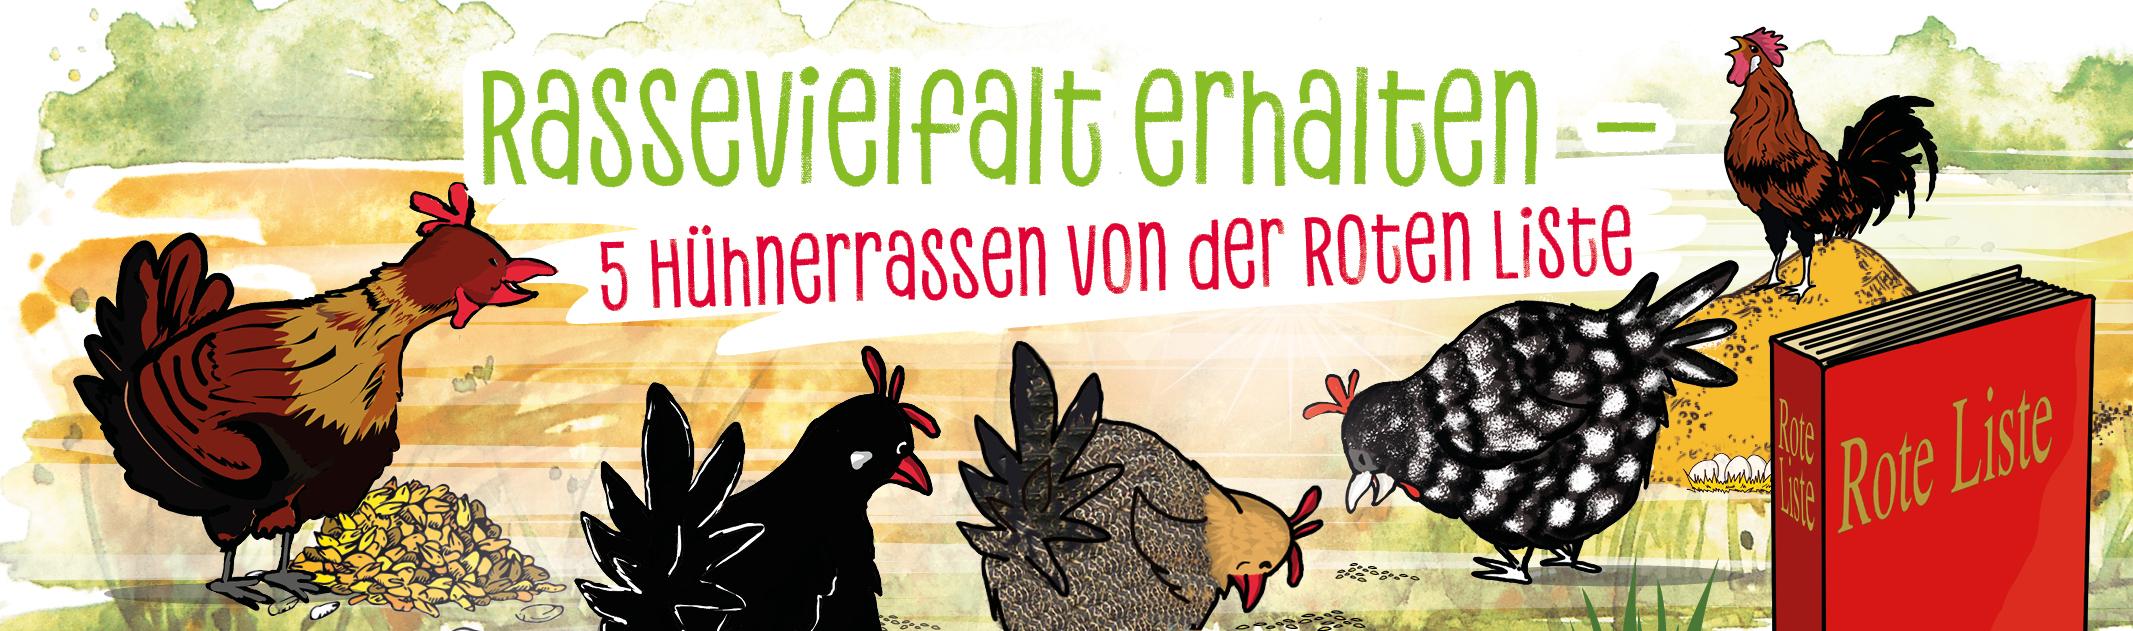 Rassevielfalt erhalten – Hühnerrassen von der Roten Liste